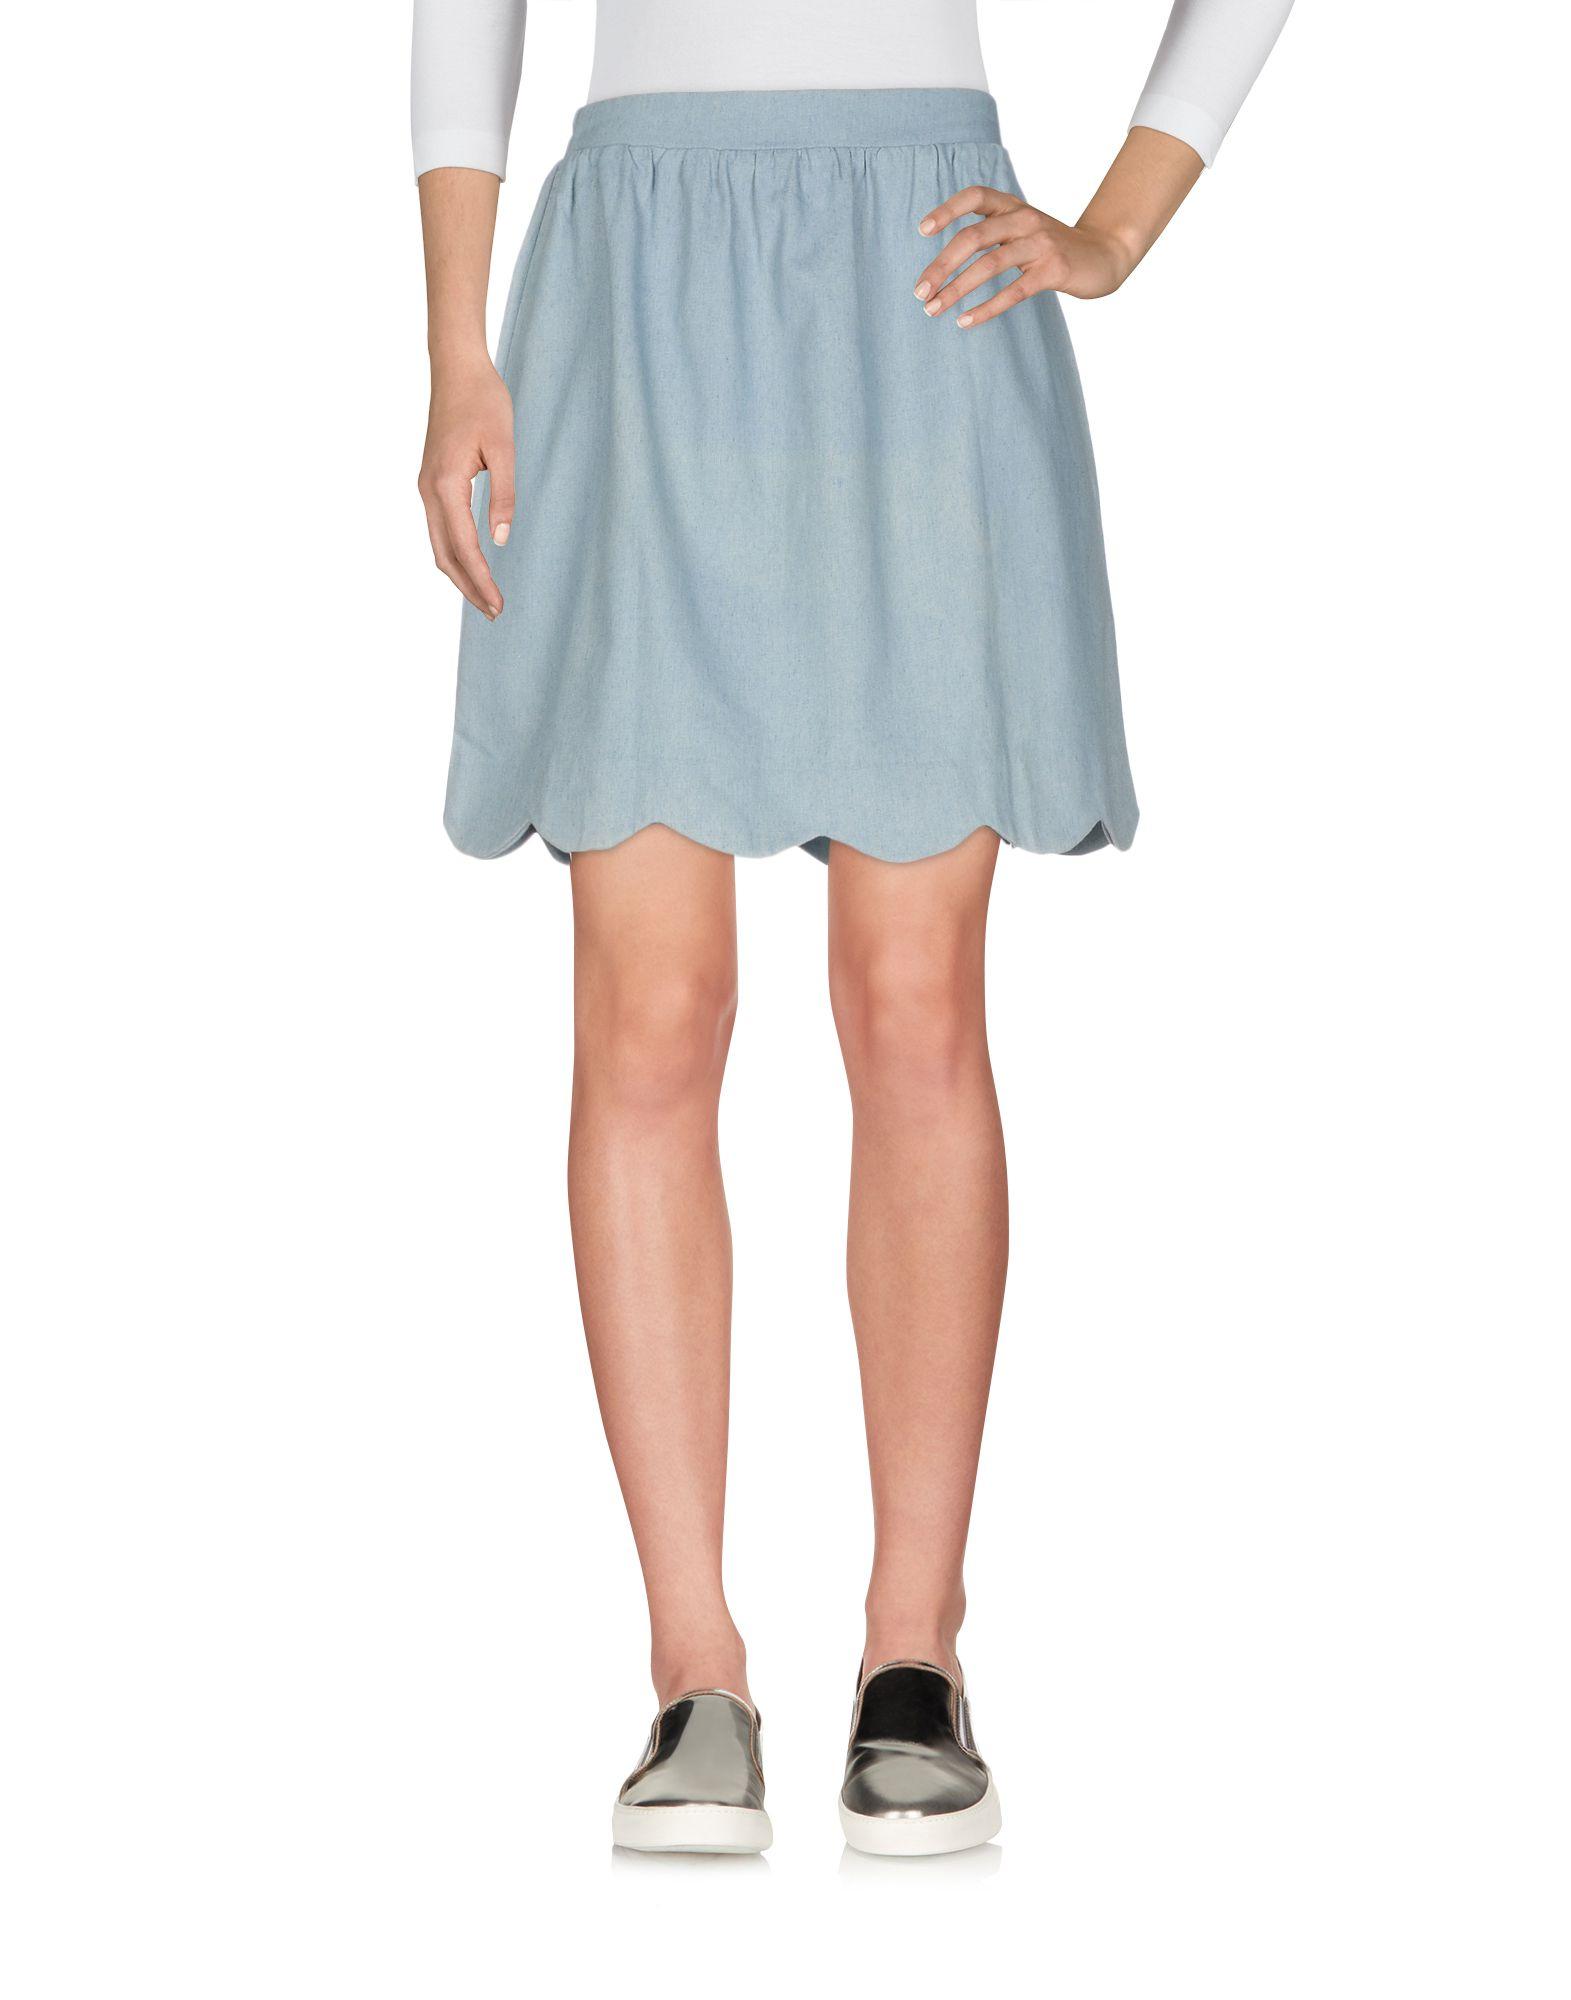 COMPAÑIA FANTASTICA Джинсовая юбка vinemo vorneoco корейская версия высокой талии слот пакет юбка джинсовая юбка юбка юбка r1540 серый xl